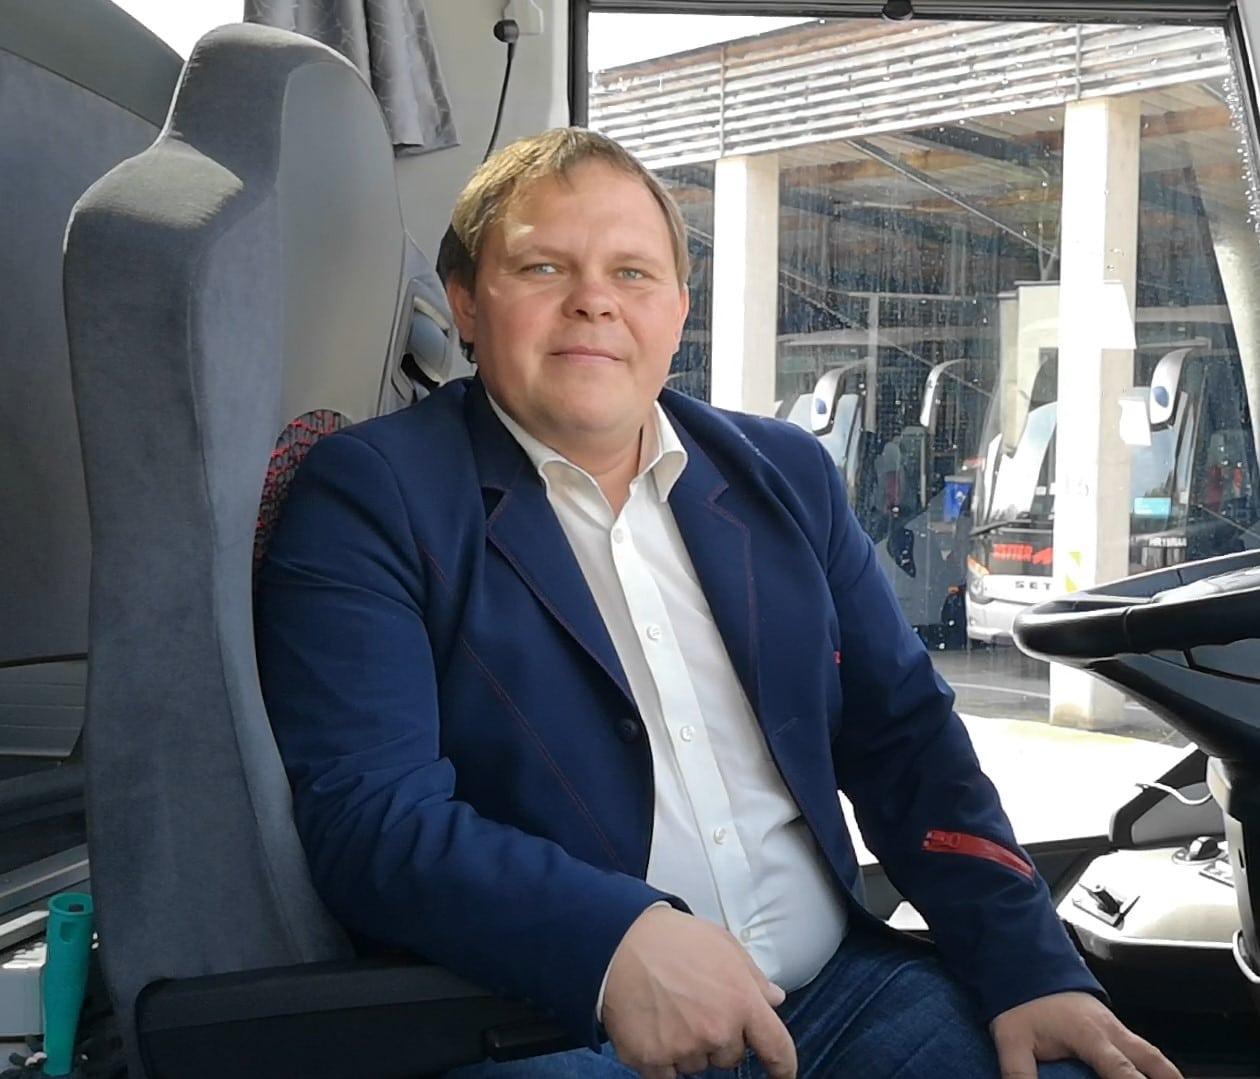 Reisekino, Andreas Dornhofer